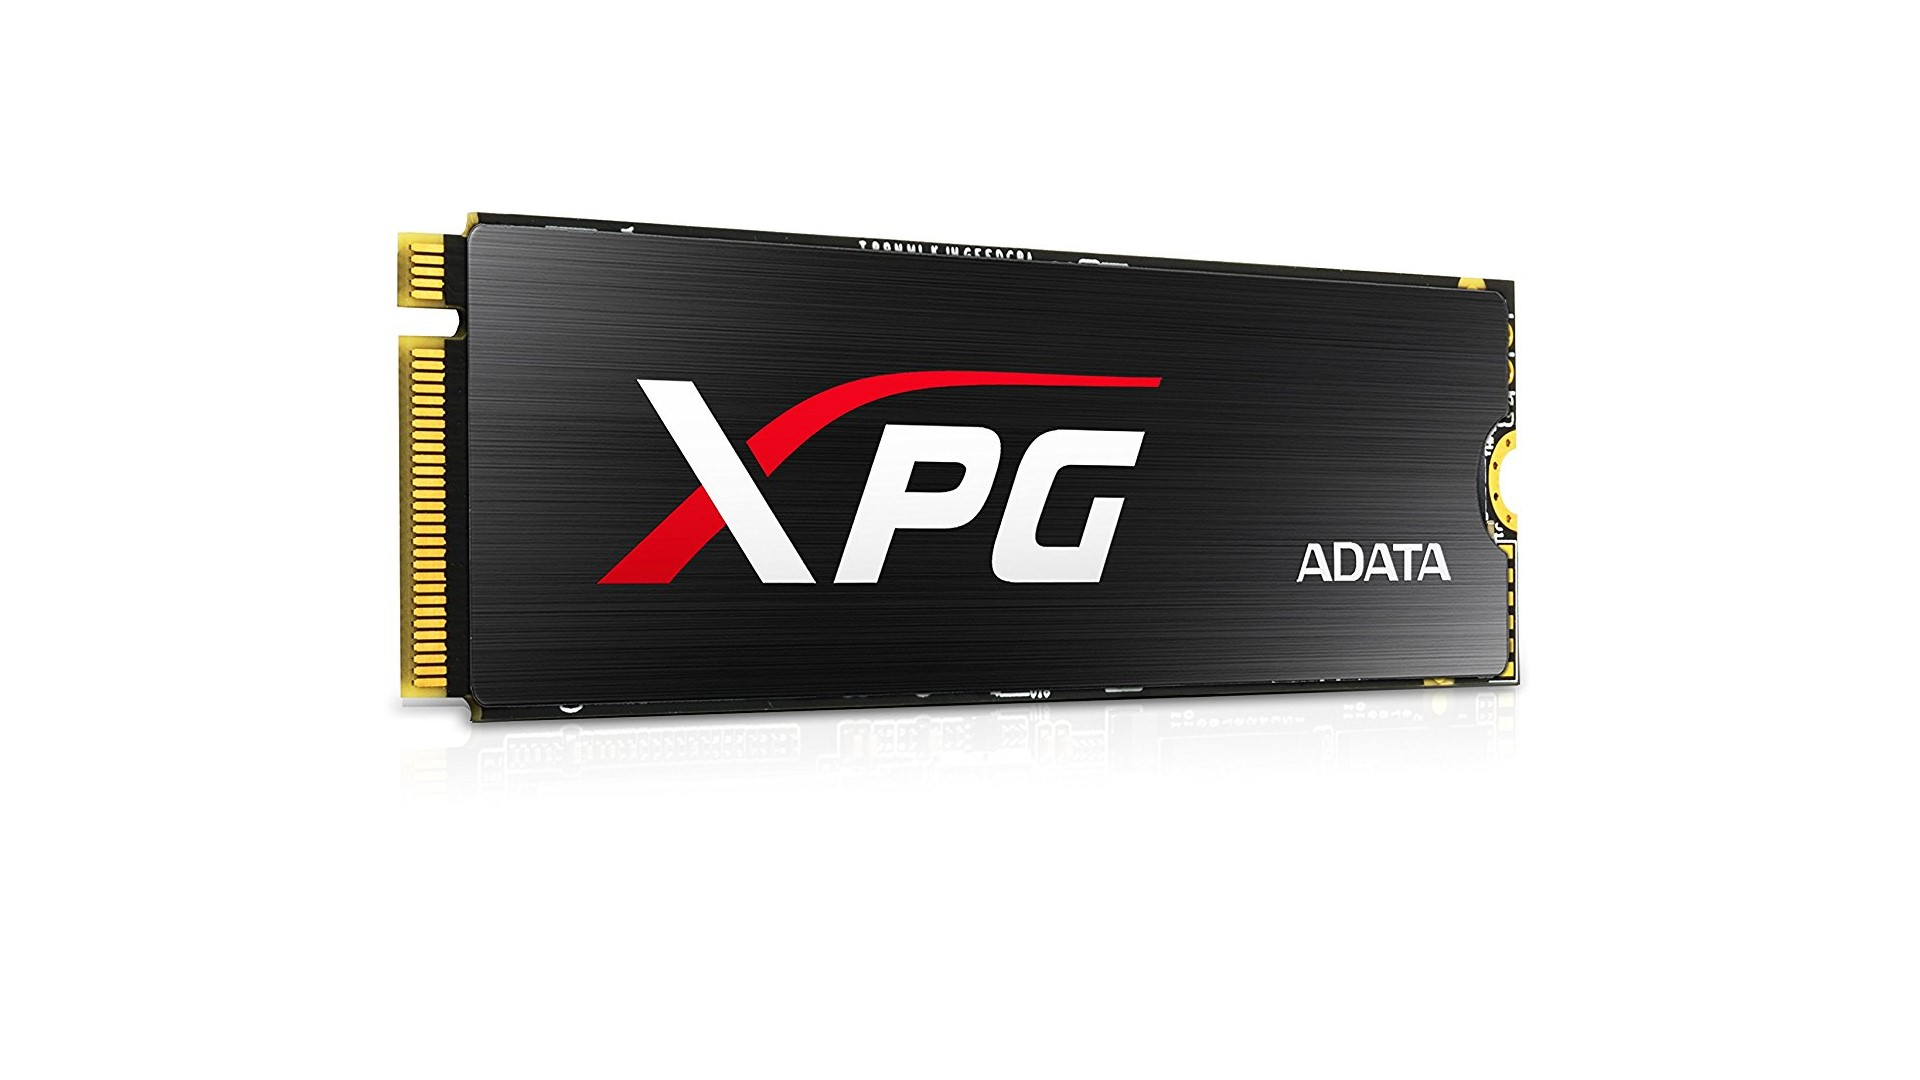 Adata XPG SX8200 SSD